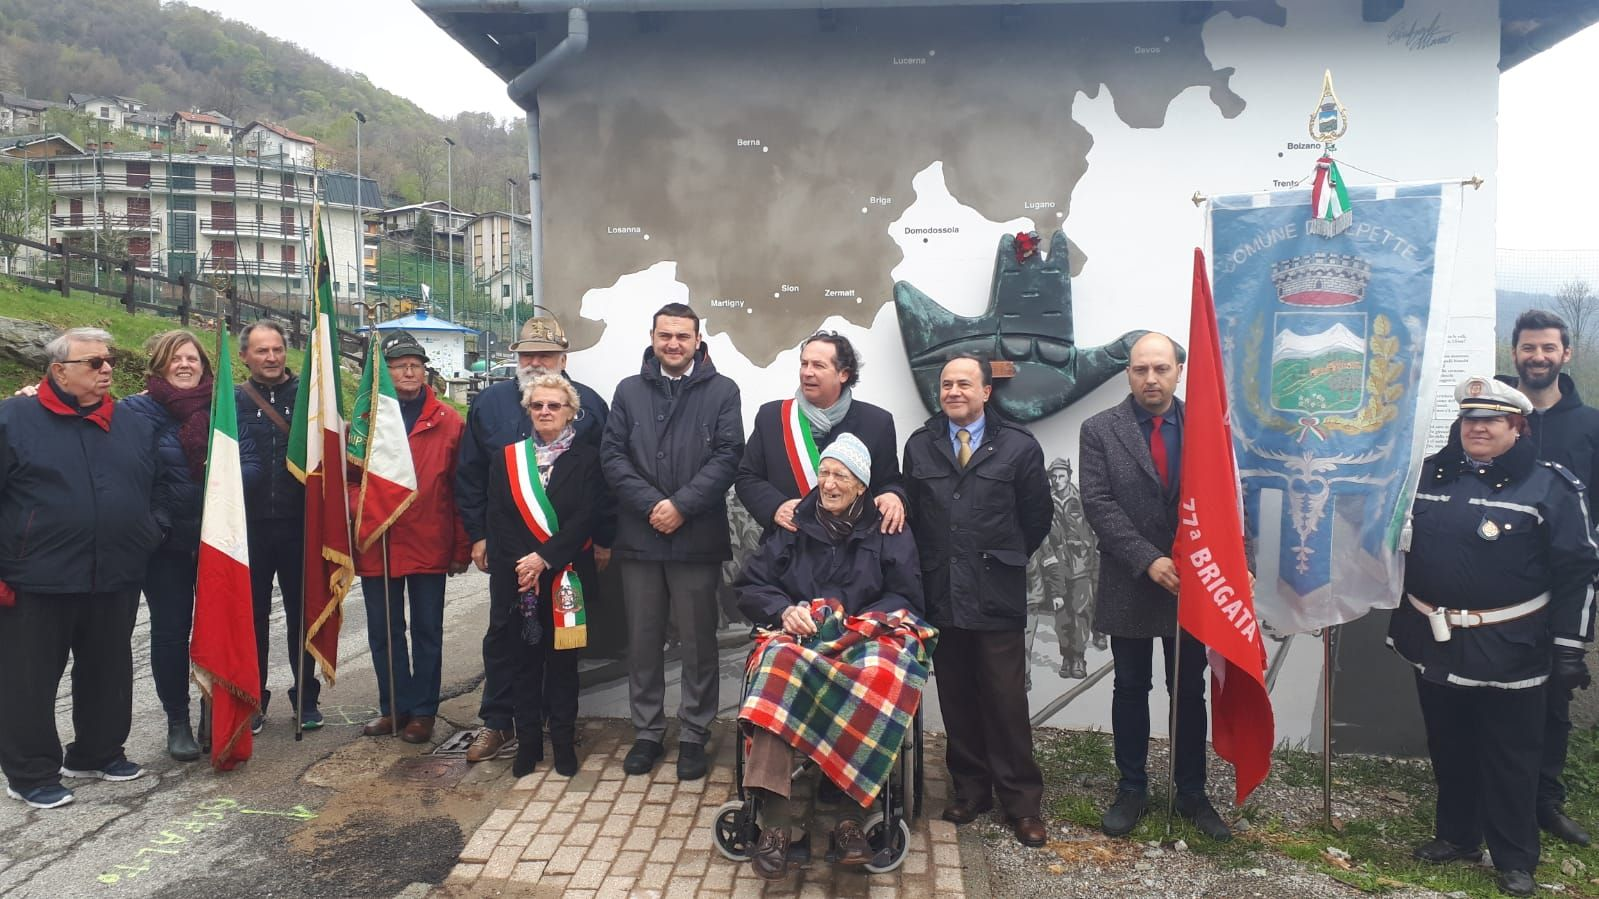 ALPETTE - «Il 25 Aprile e la Resistenza, per gli Alpettesi, sono ancora valori importanti»